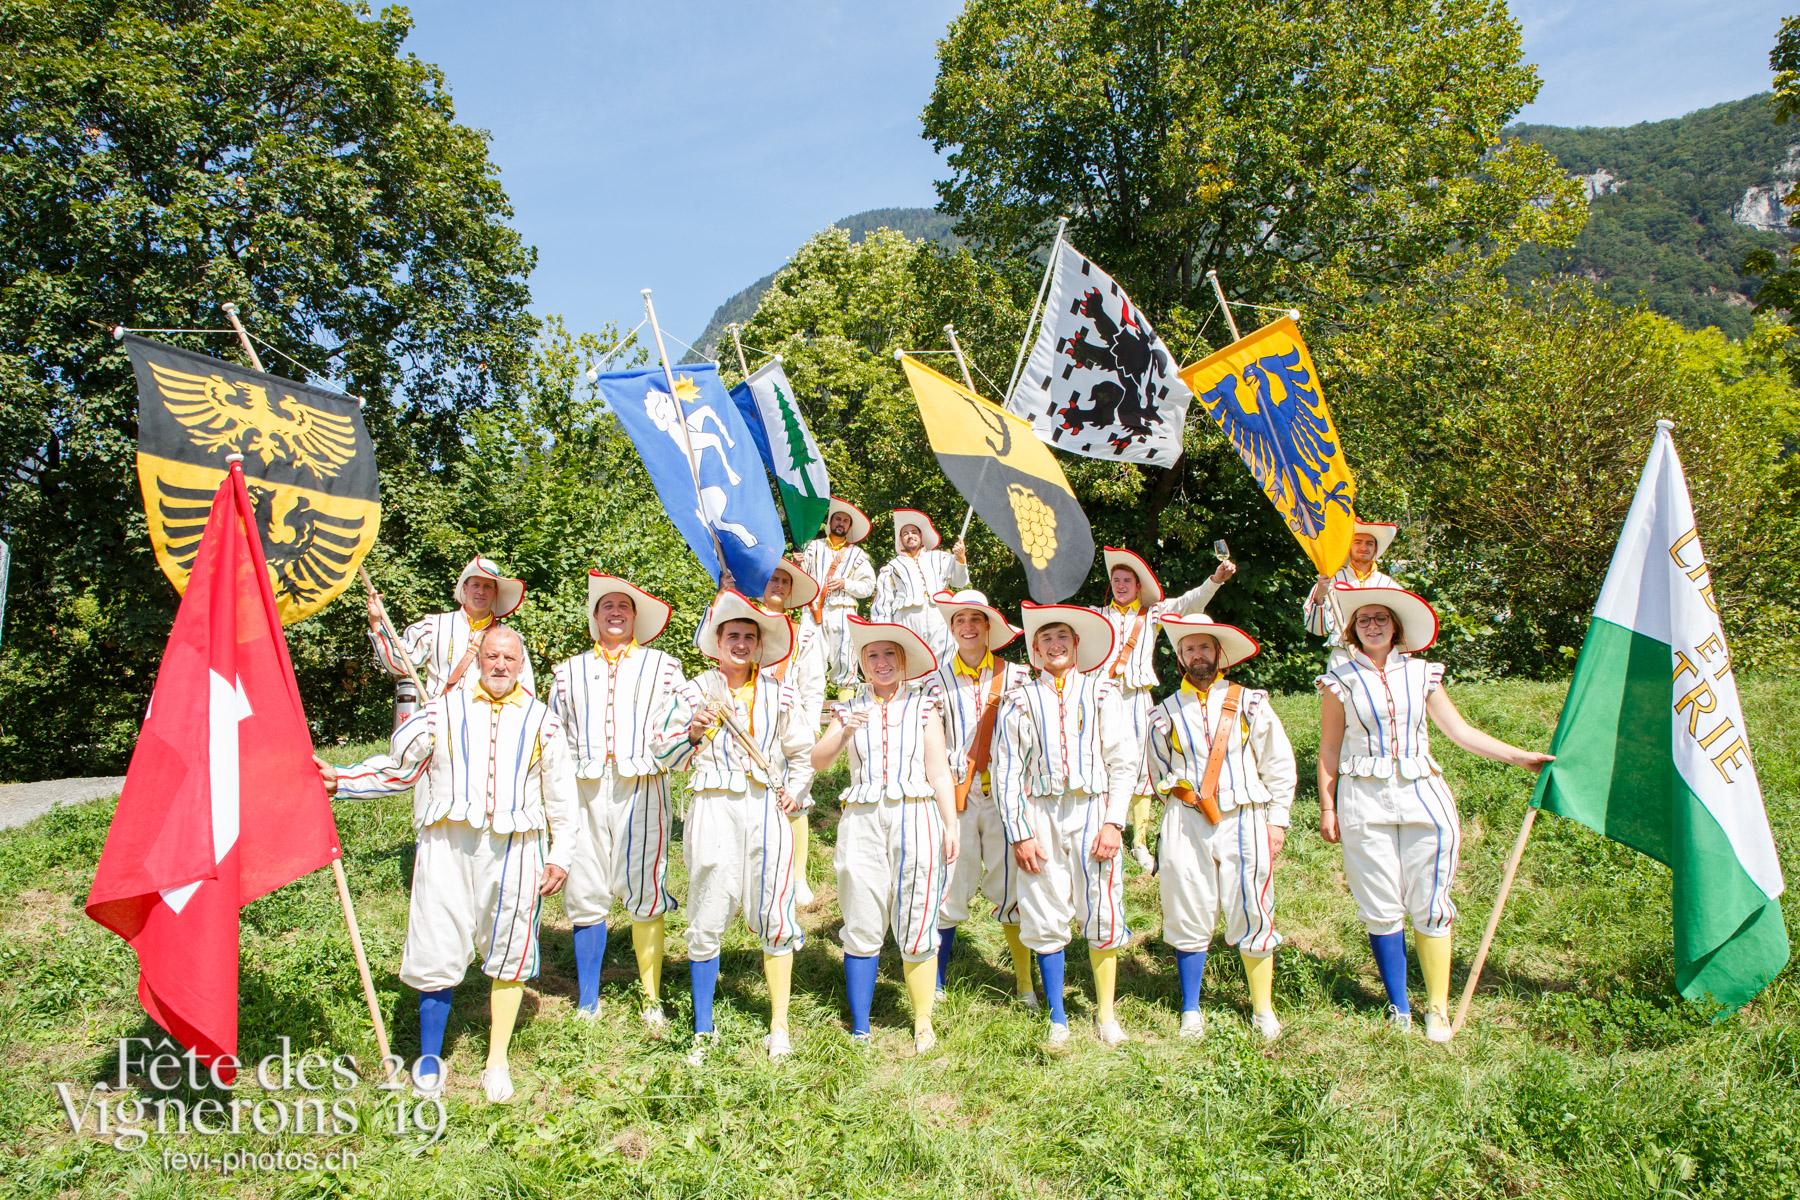 Récéption Aigle-Yvorne - Porteurs drapeaux, Récéption Aigle-Yvorne. Photographes de la Fête des Vignerons 2019